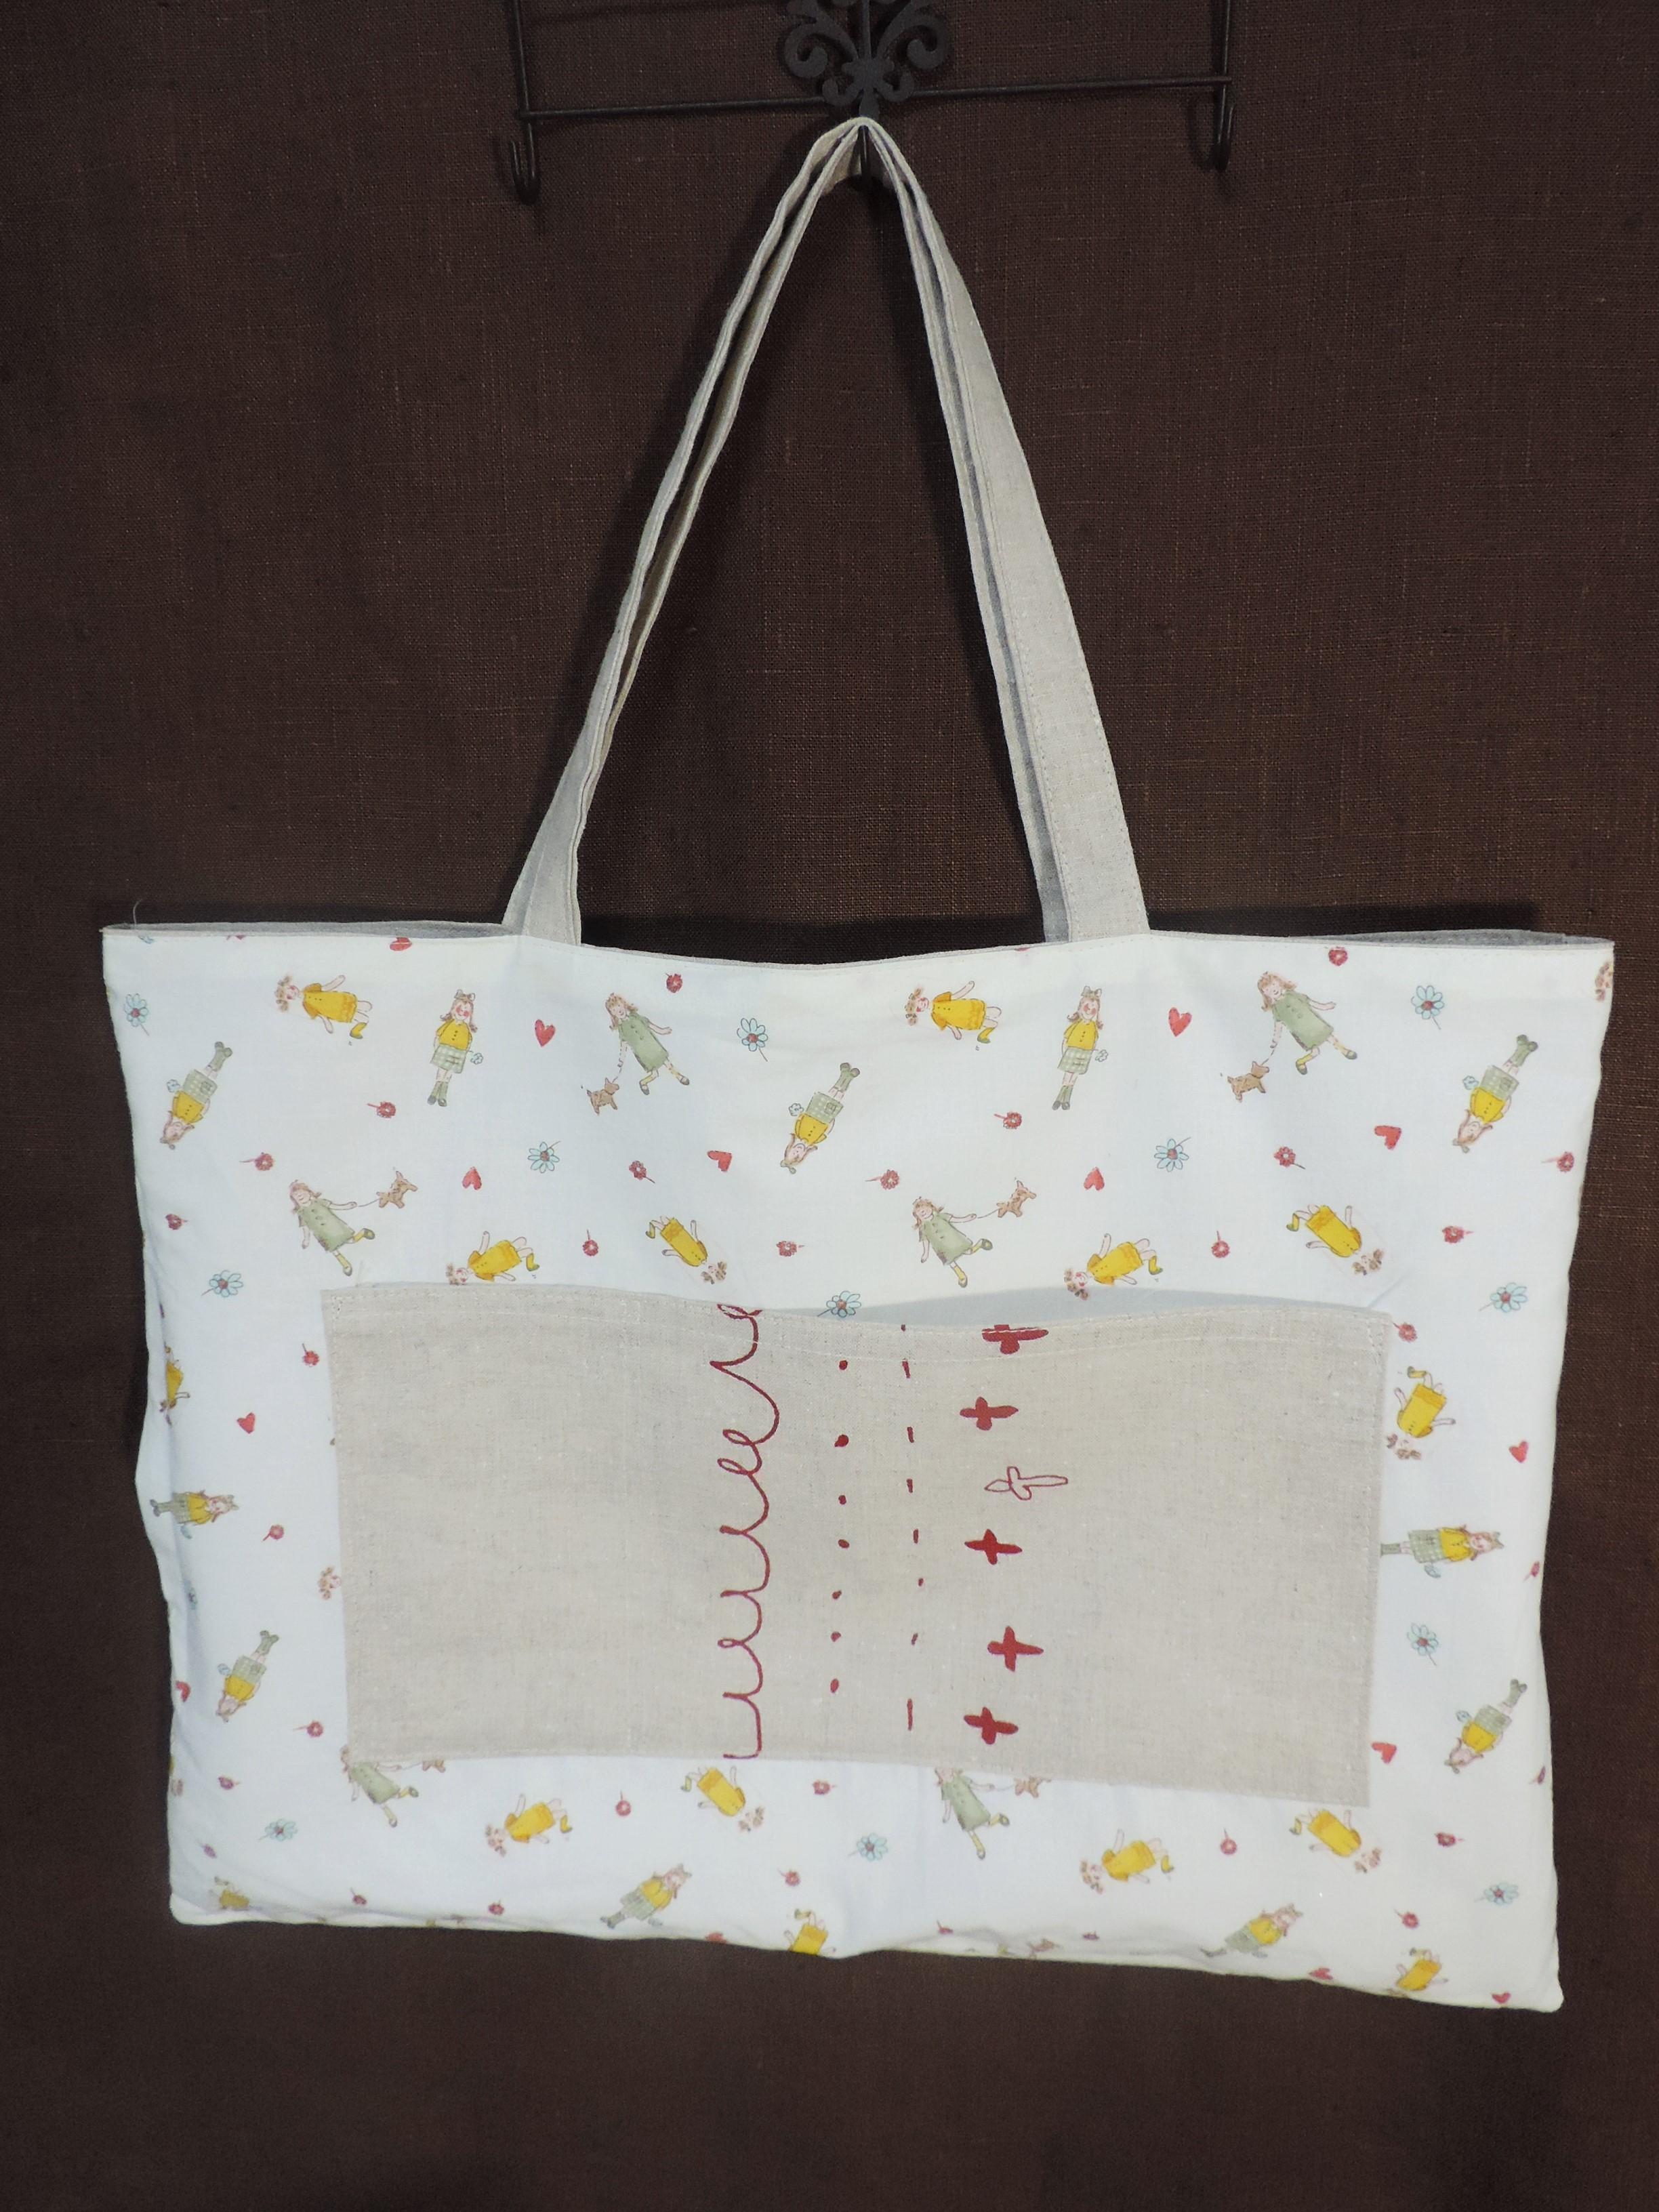 【春夏用♥】マルシェ気分のお買物バッグを手作りしました!